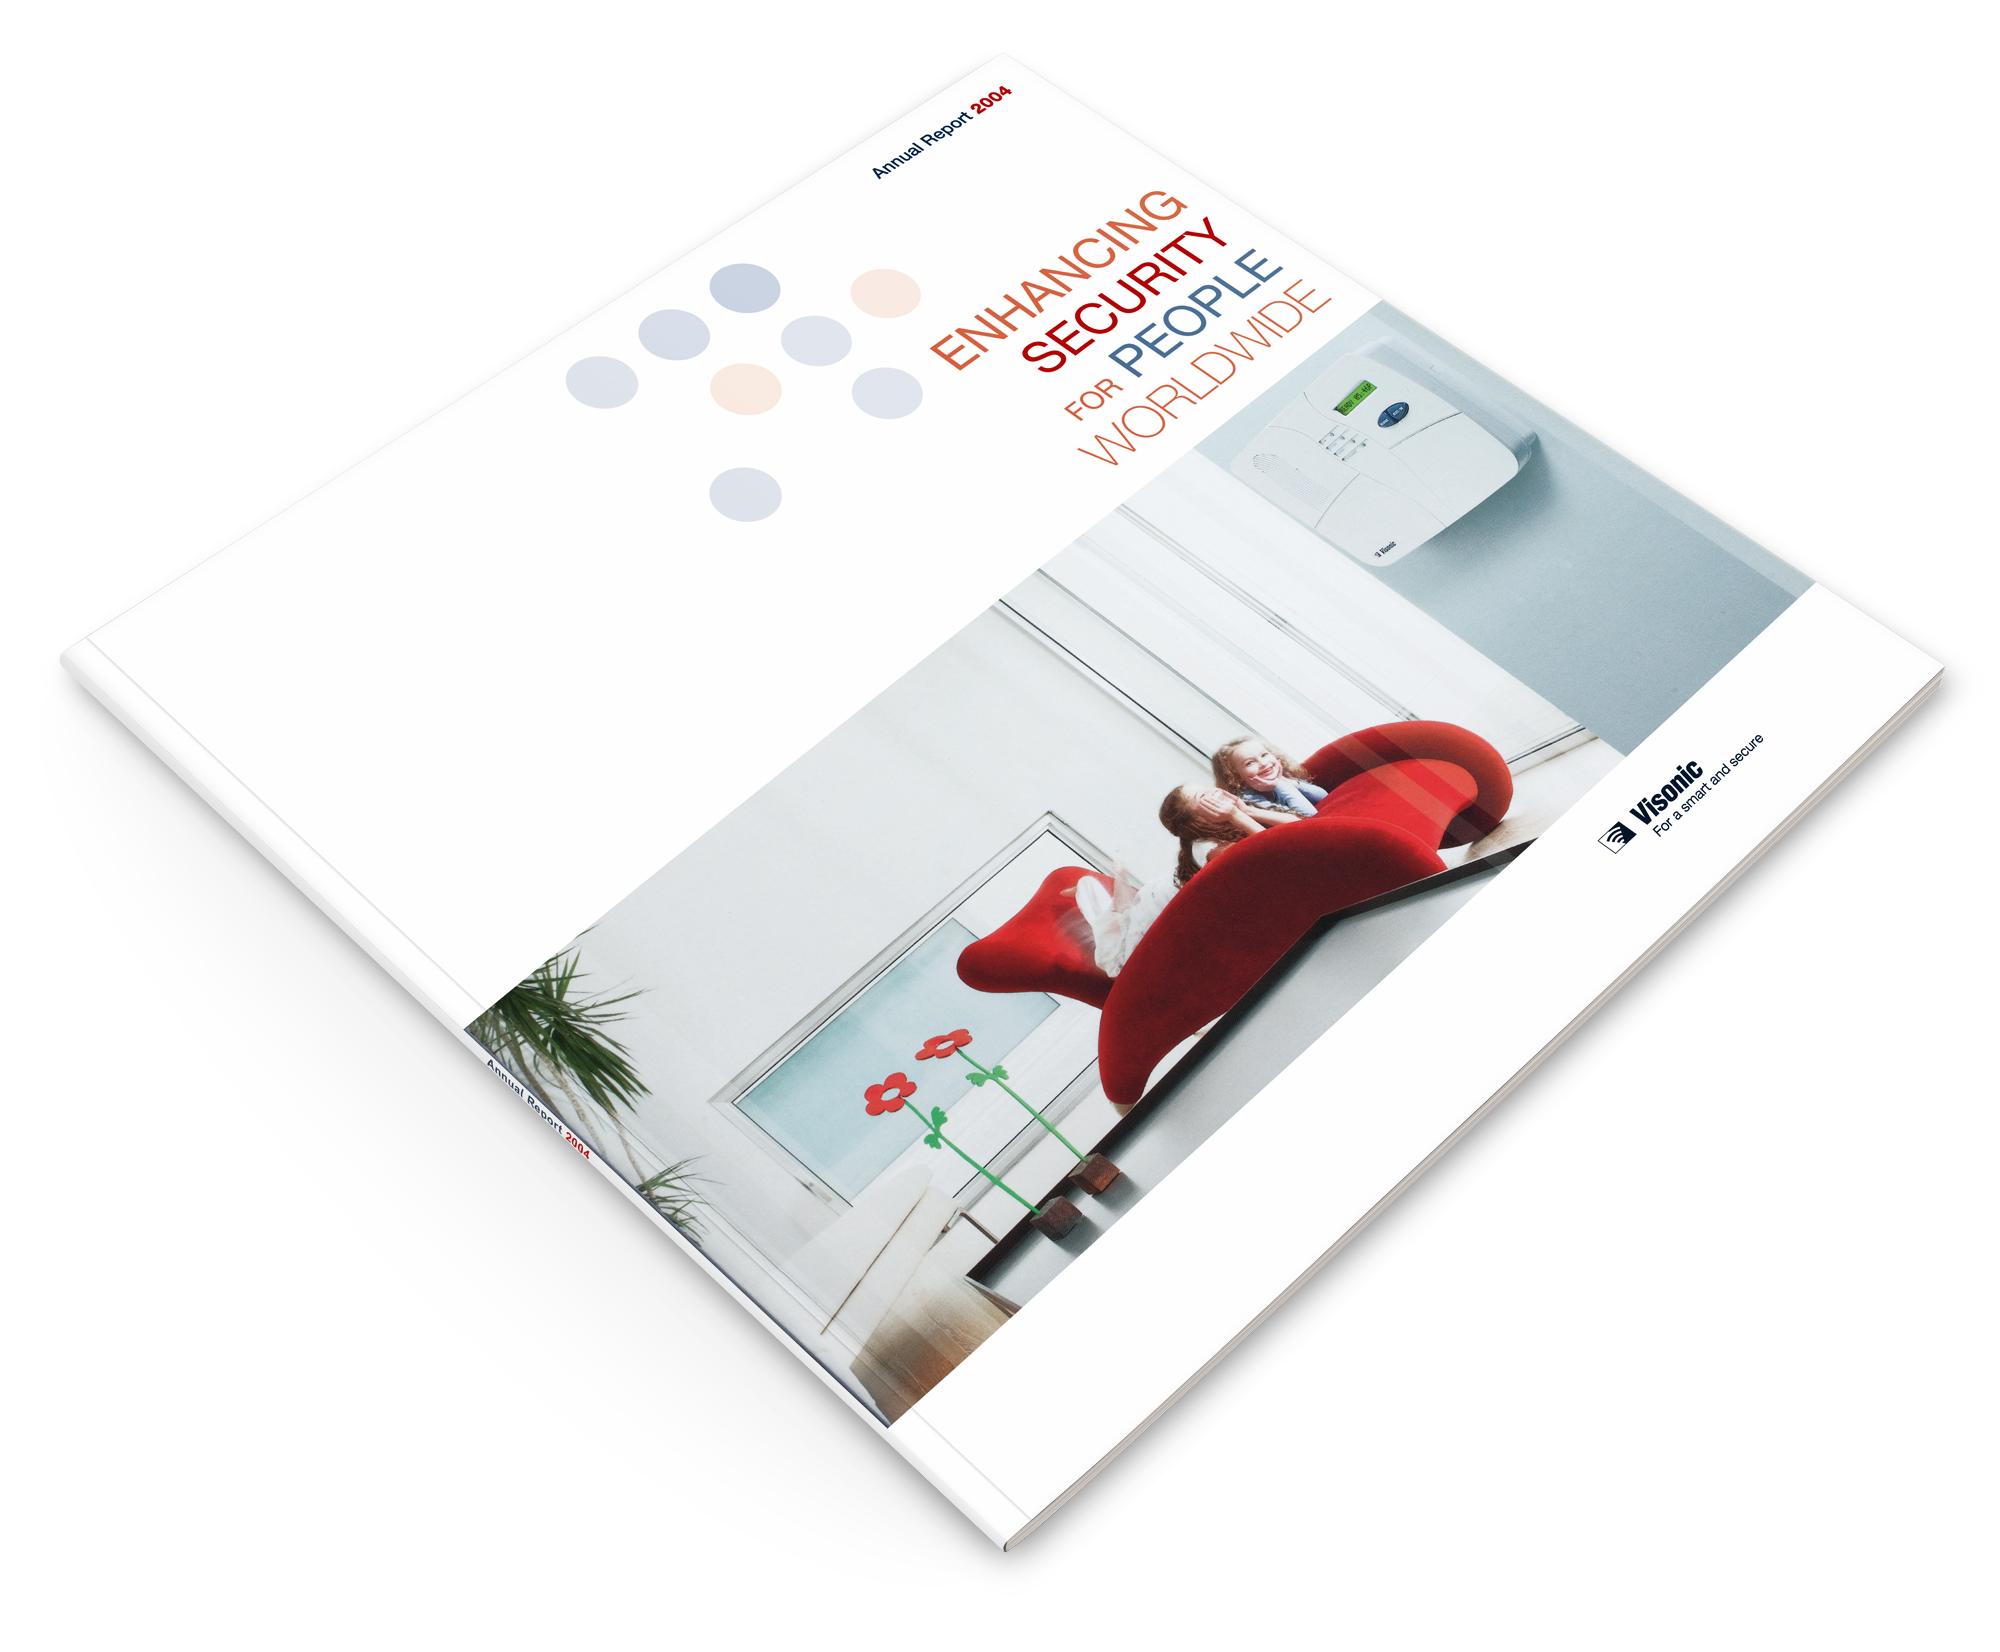 Annual / Interim Reports